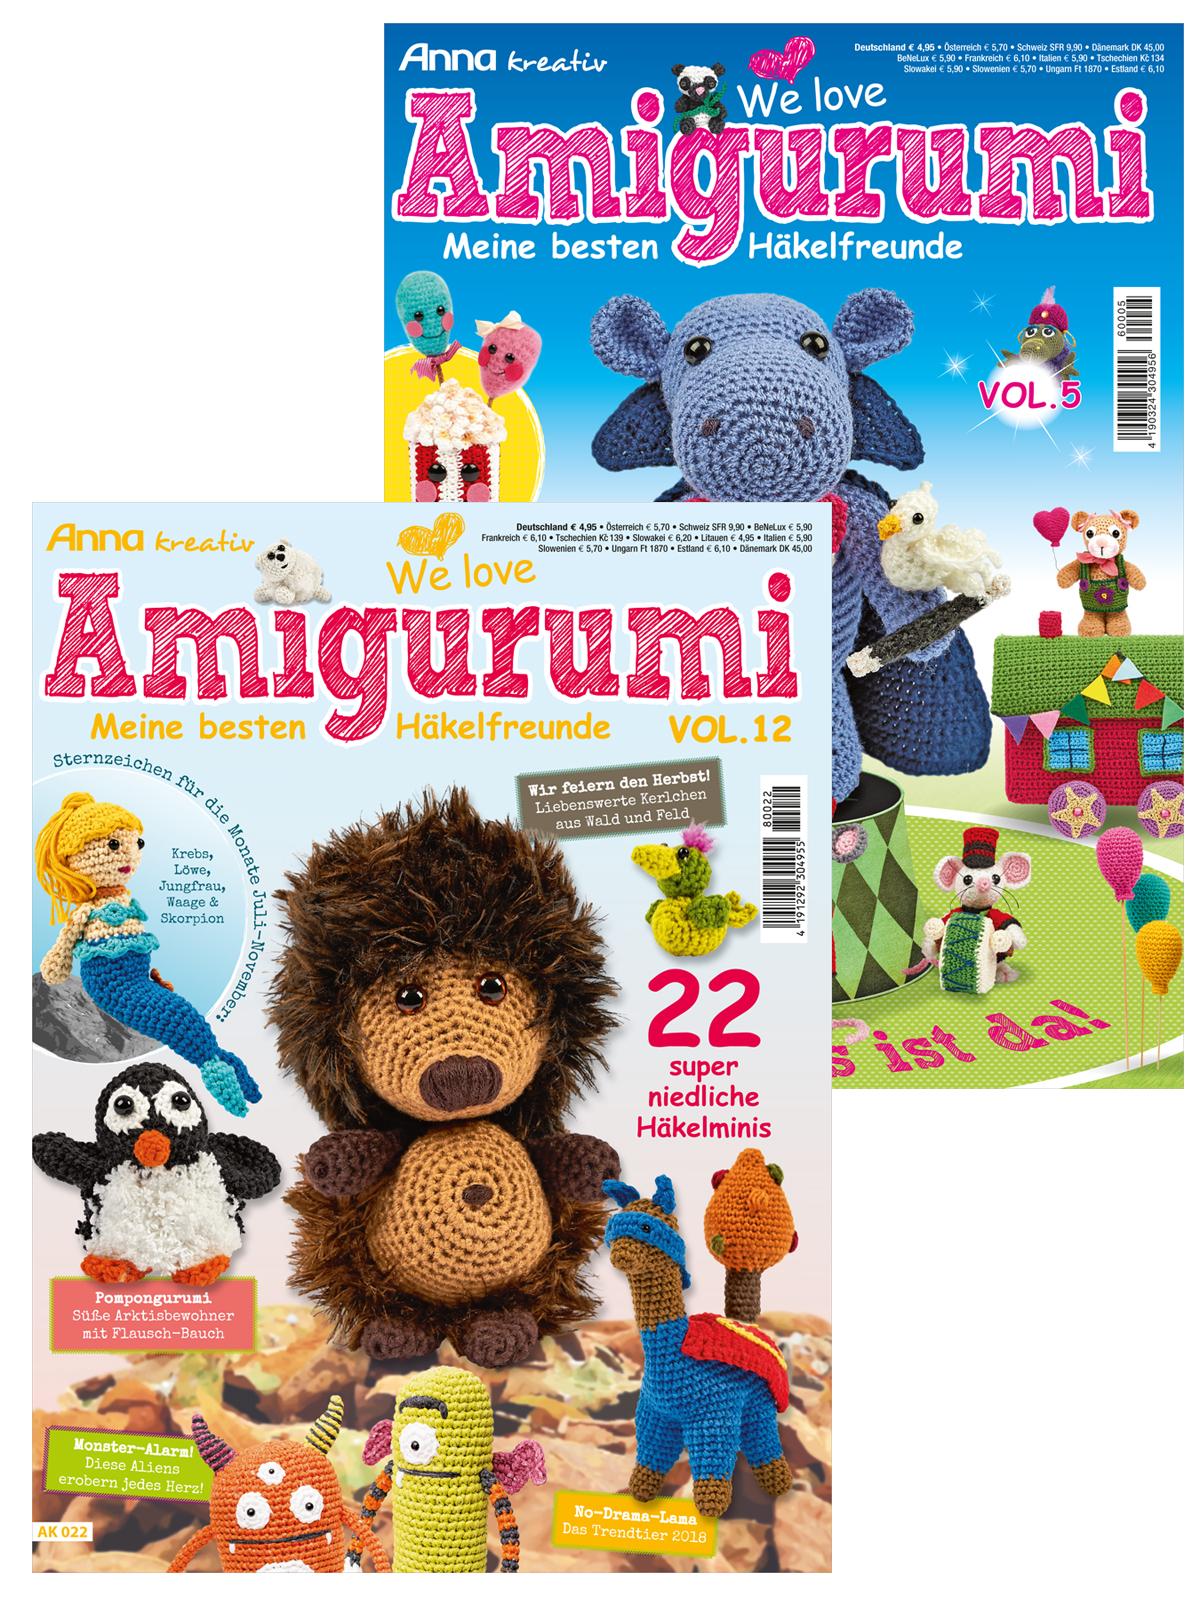 Zwei Zeitschriften - Amigurumispaß im Doppelpack - Vol. 12 und Vol. 5